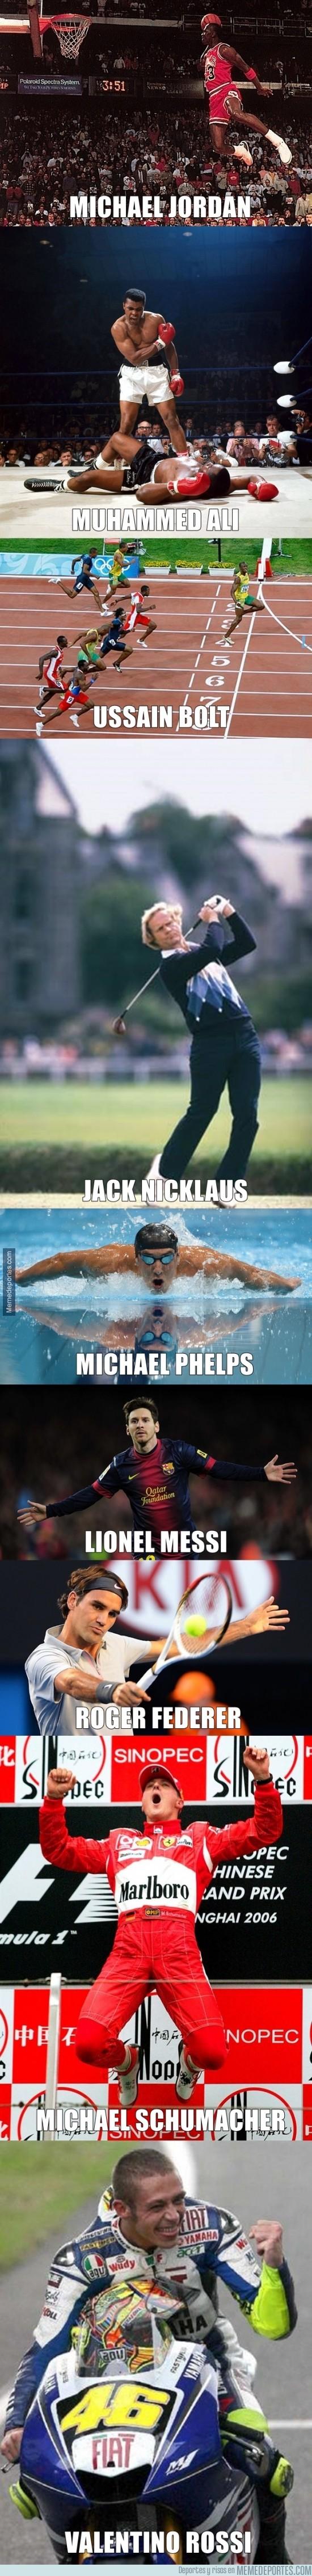 471177 - ¿Son estos los mejores deportistas de la historia en sus respectivos deportes?